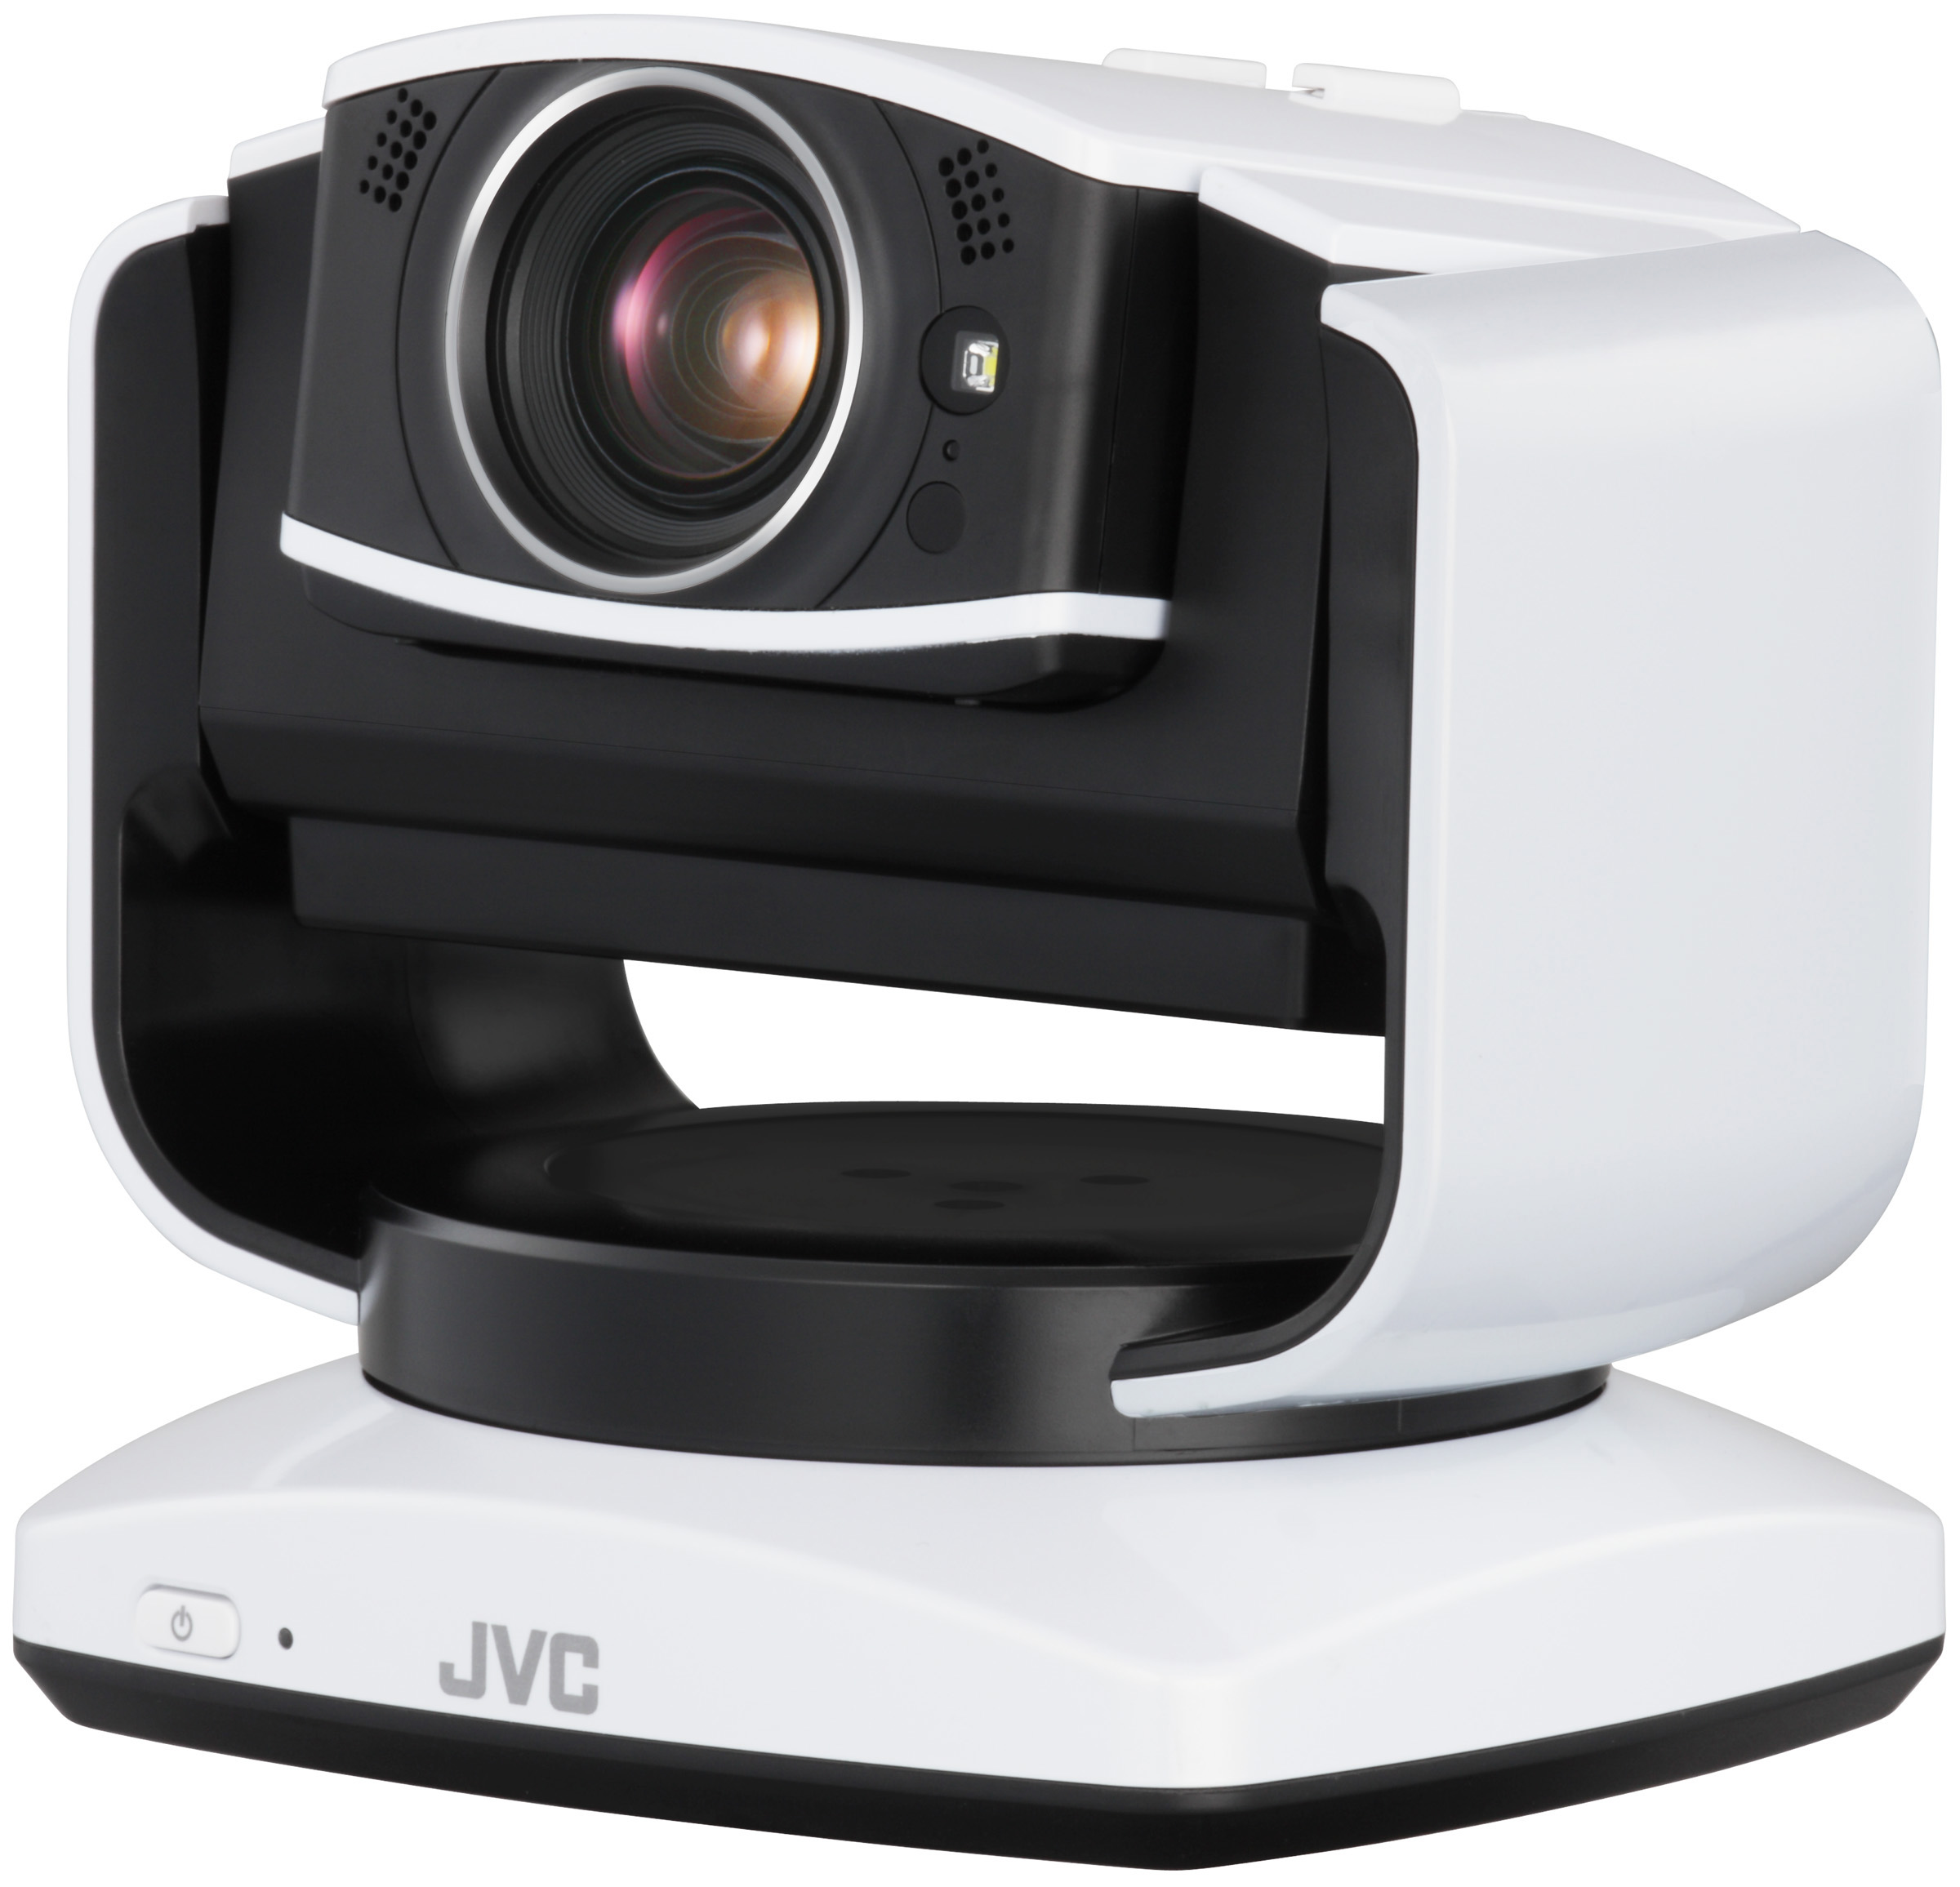 Gvls2 for Live camera website